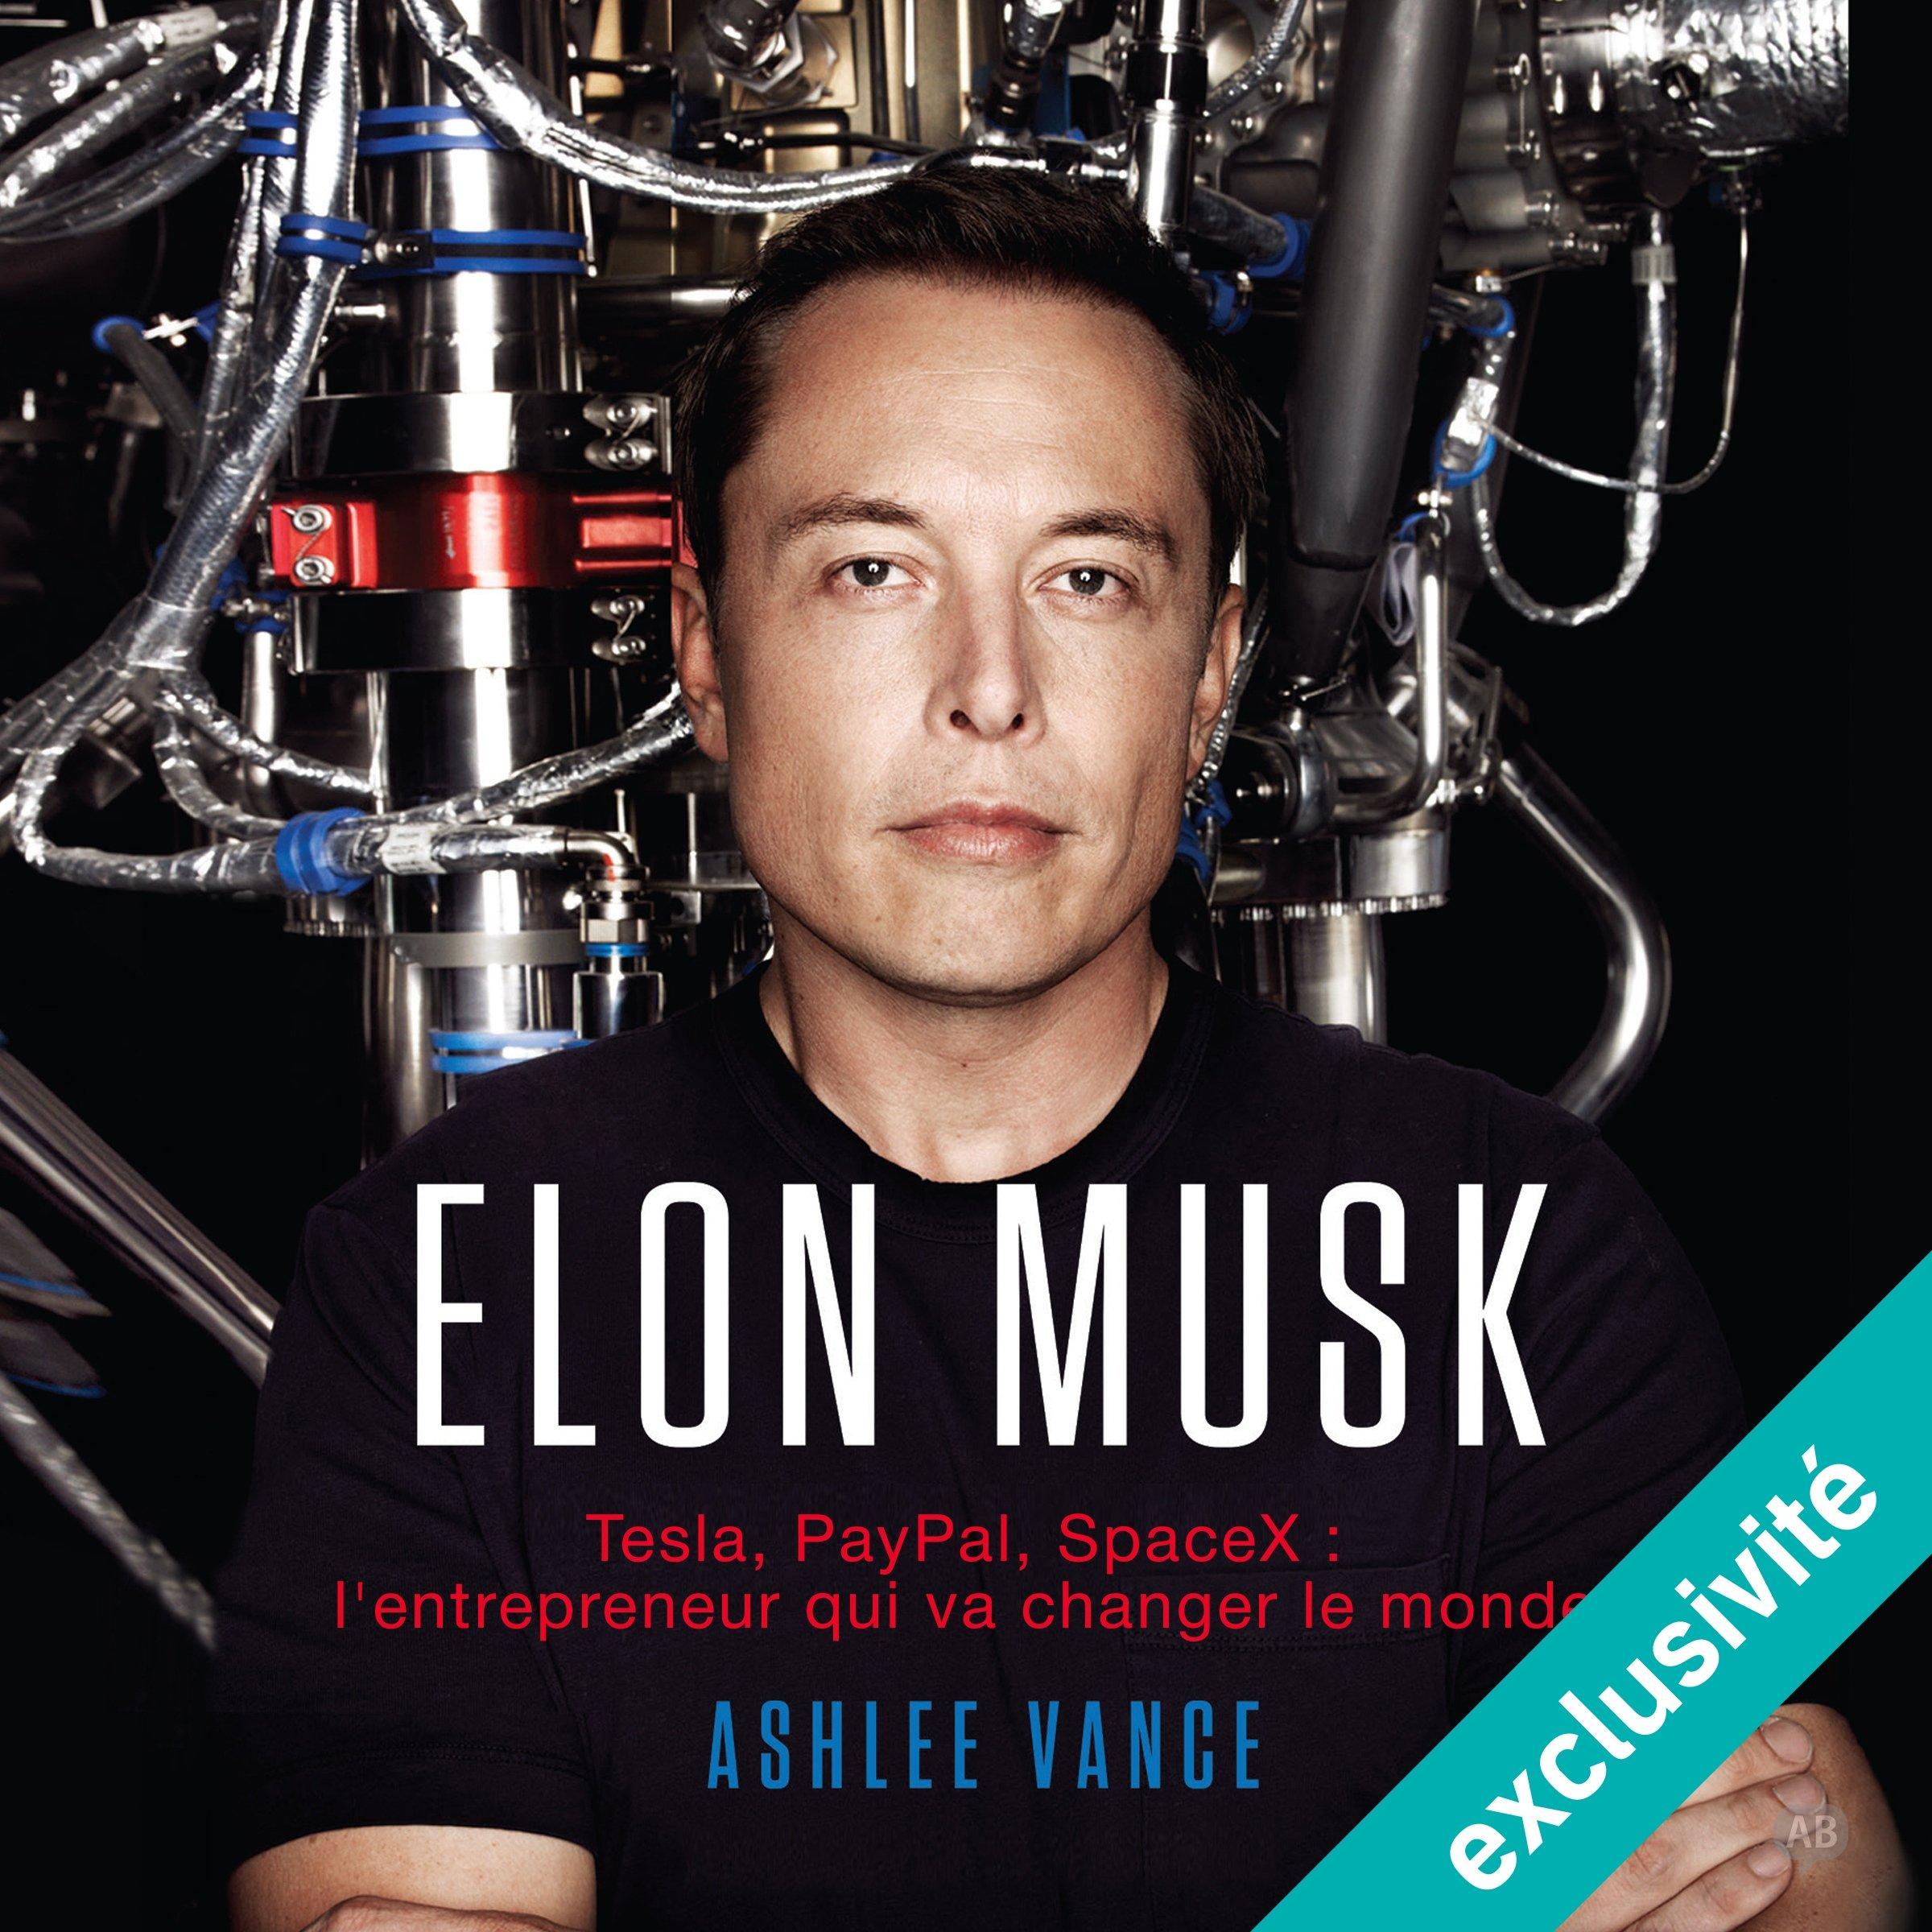 Elon Musk : Tesla, PayPal, SpaceX - l'entrepreneur qui va changer le monde, de Ashlee Vance